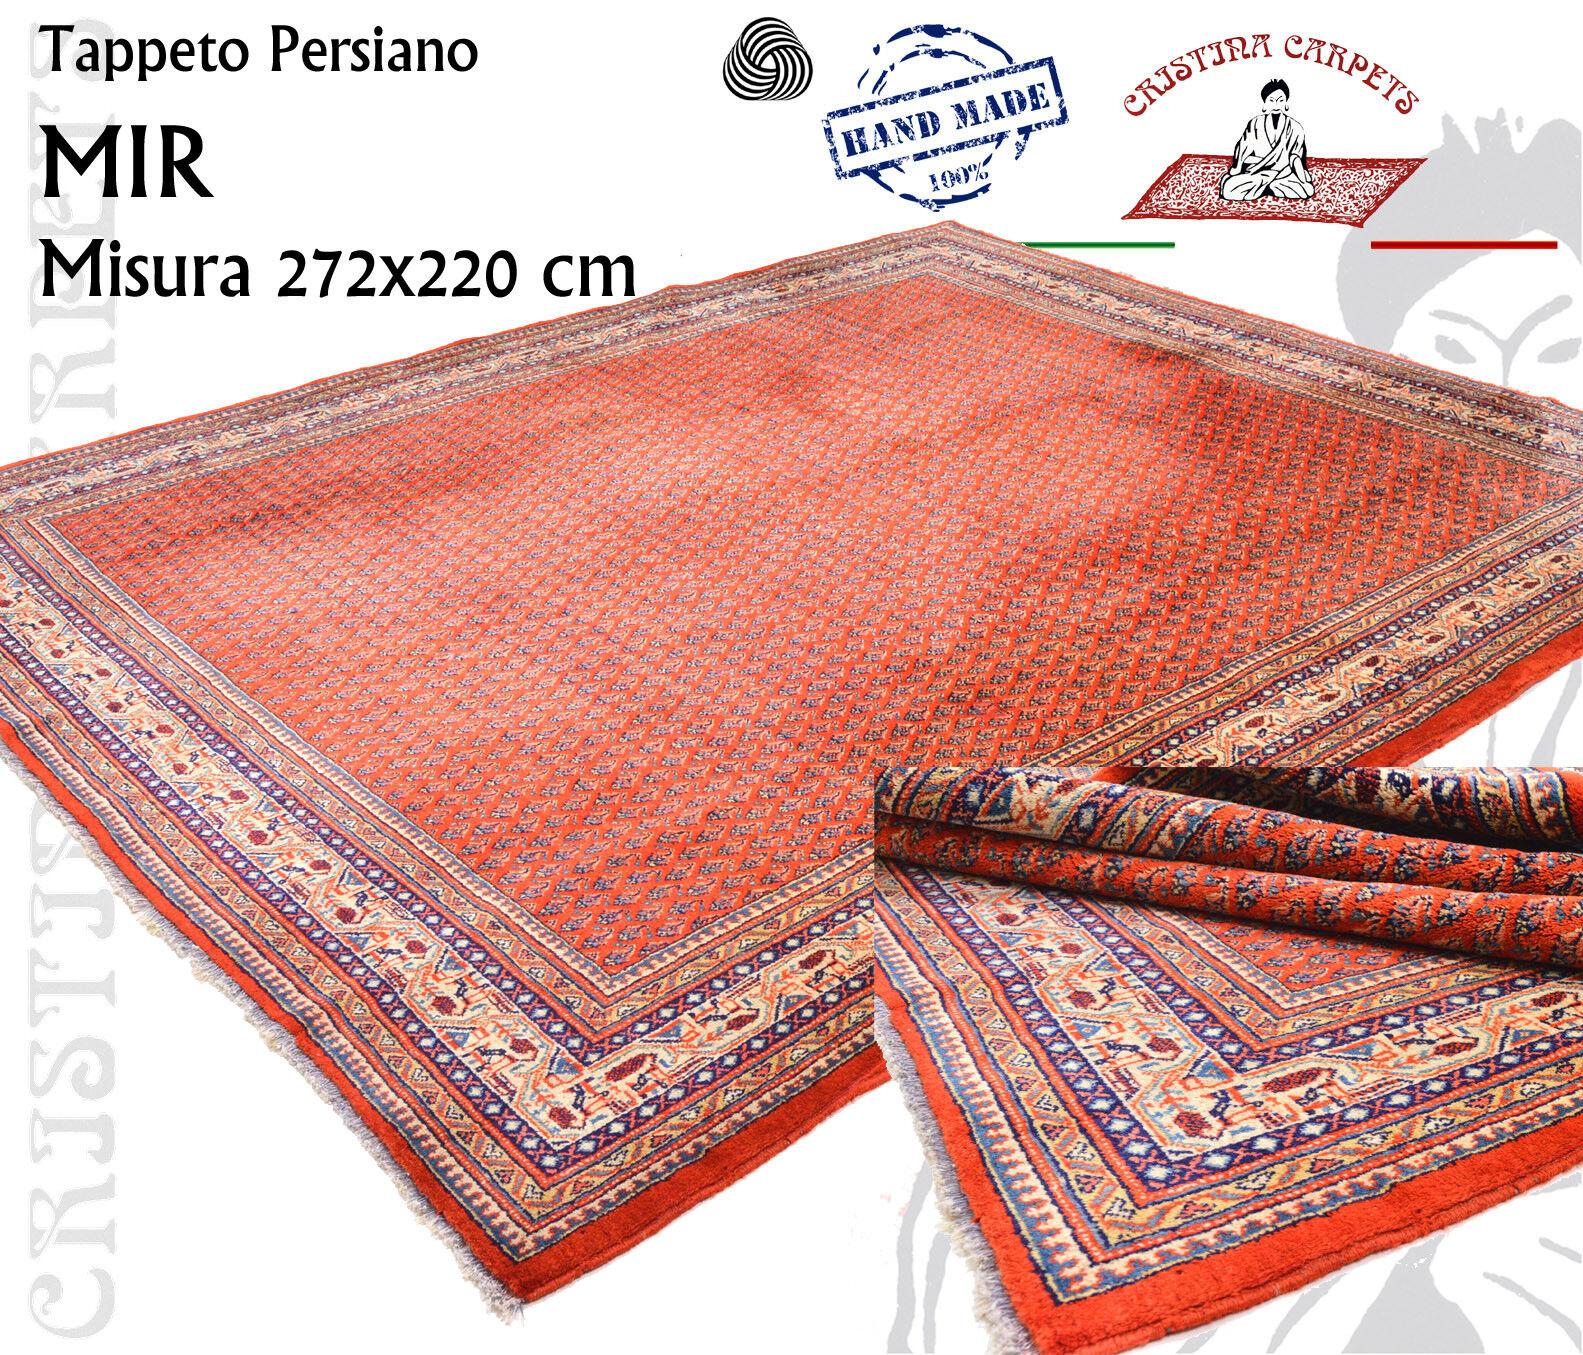 Tappeto Persiano Mir Stilizzato rot Corallo Annodato a mano Lana Lana Lana 220x272 cm 0f8a89